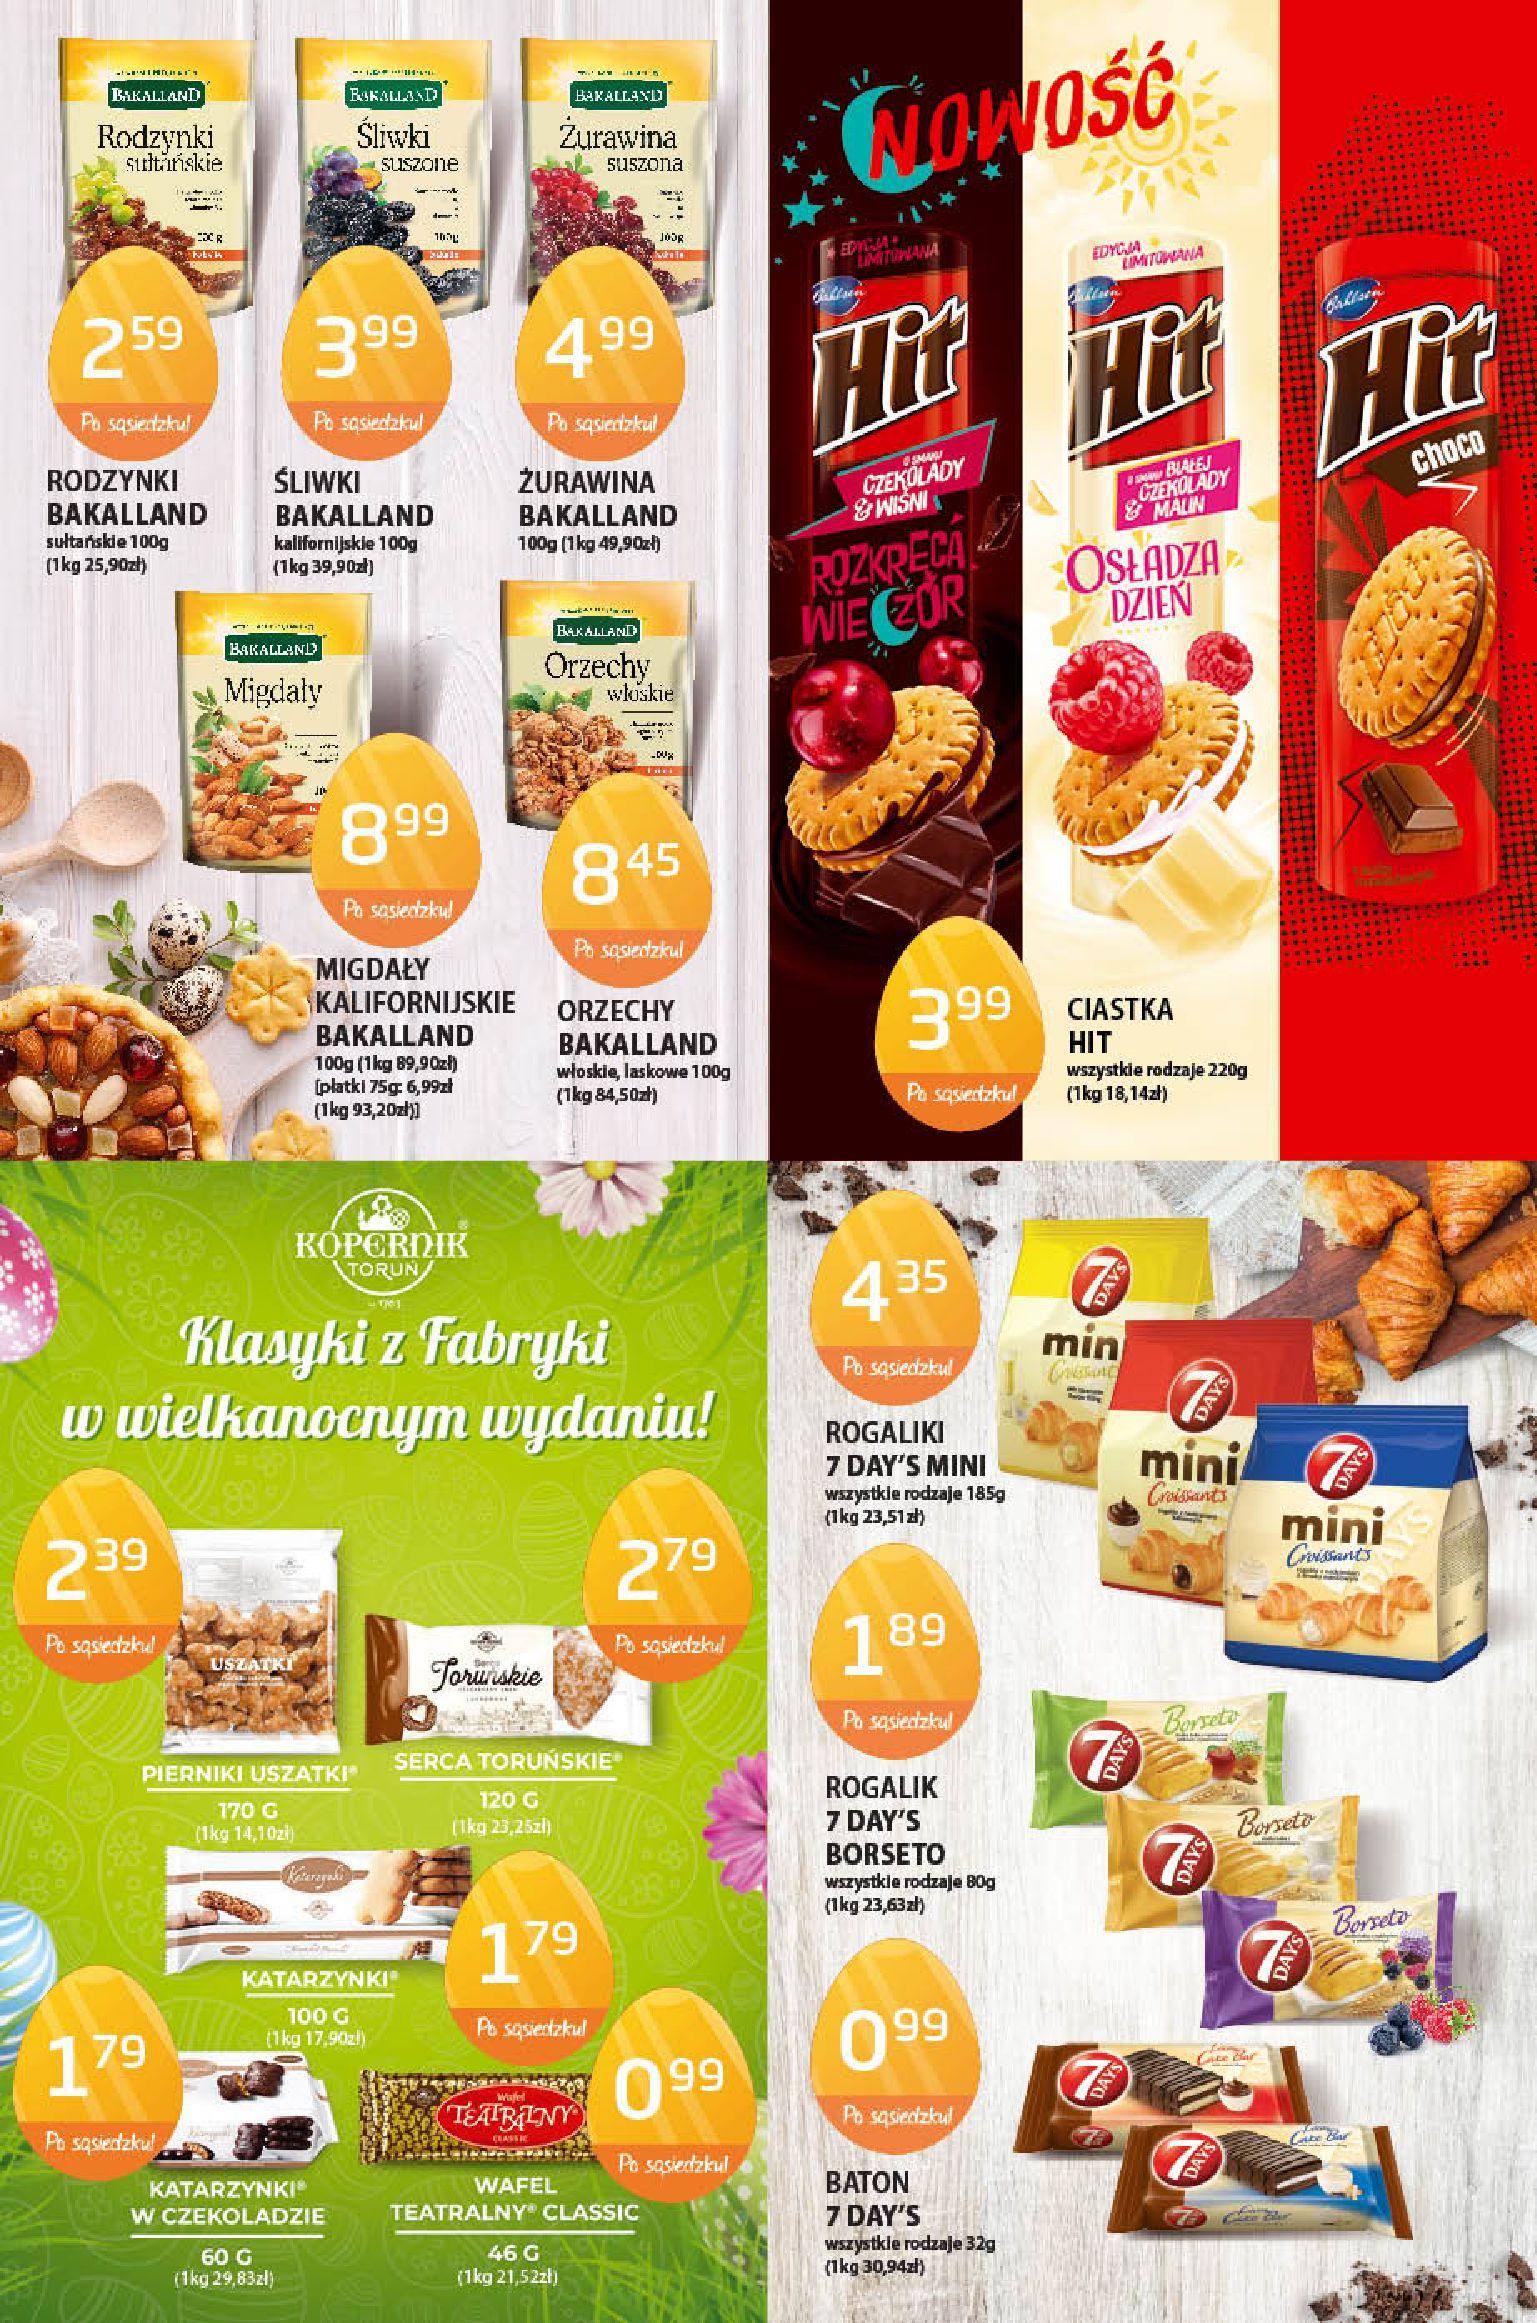 Gazetka abc - Gazetka promocyjna-25.03.2020-08.04.2020-page-5